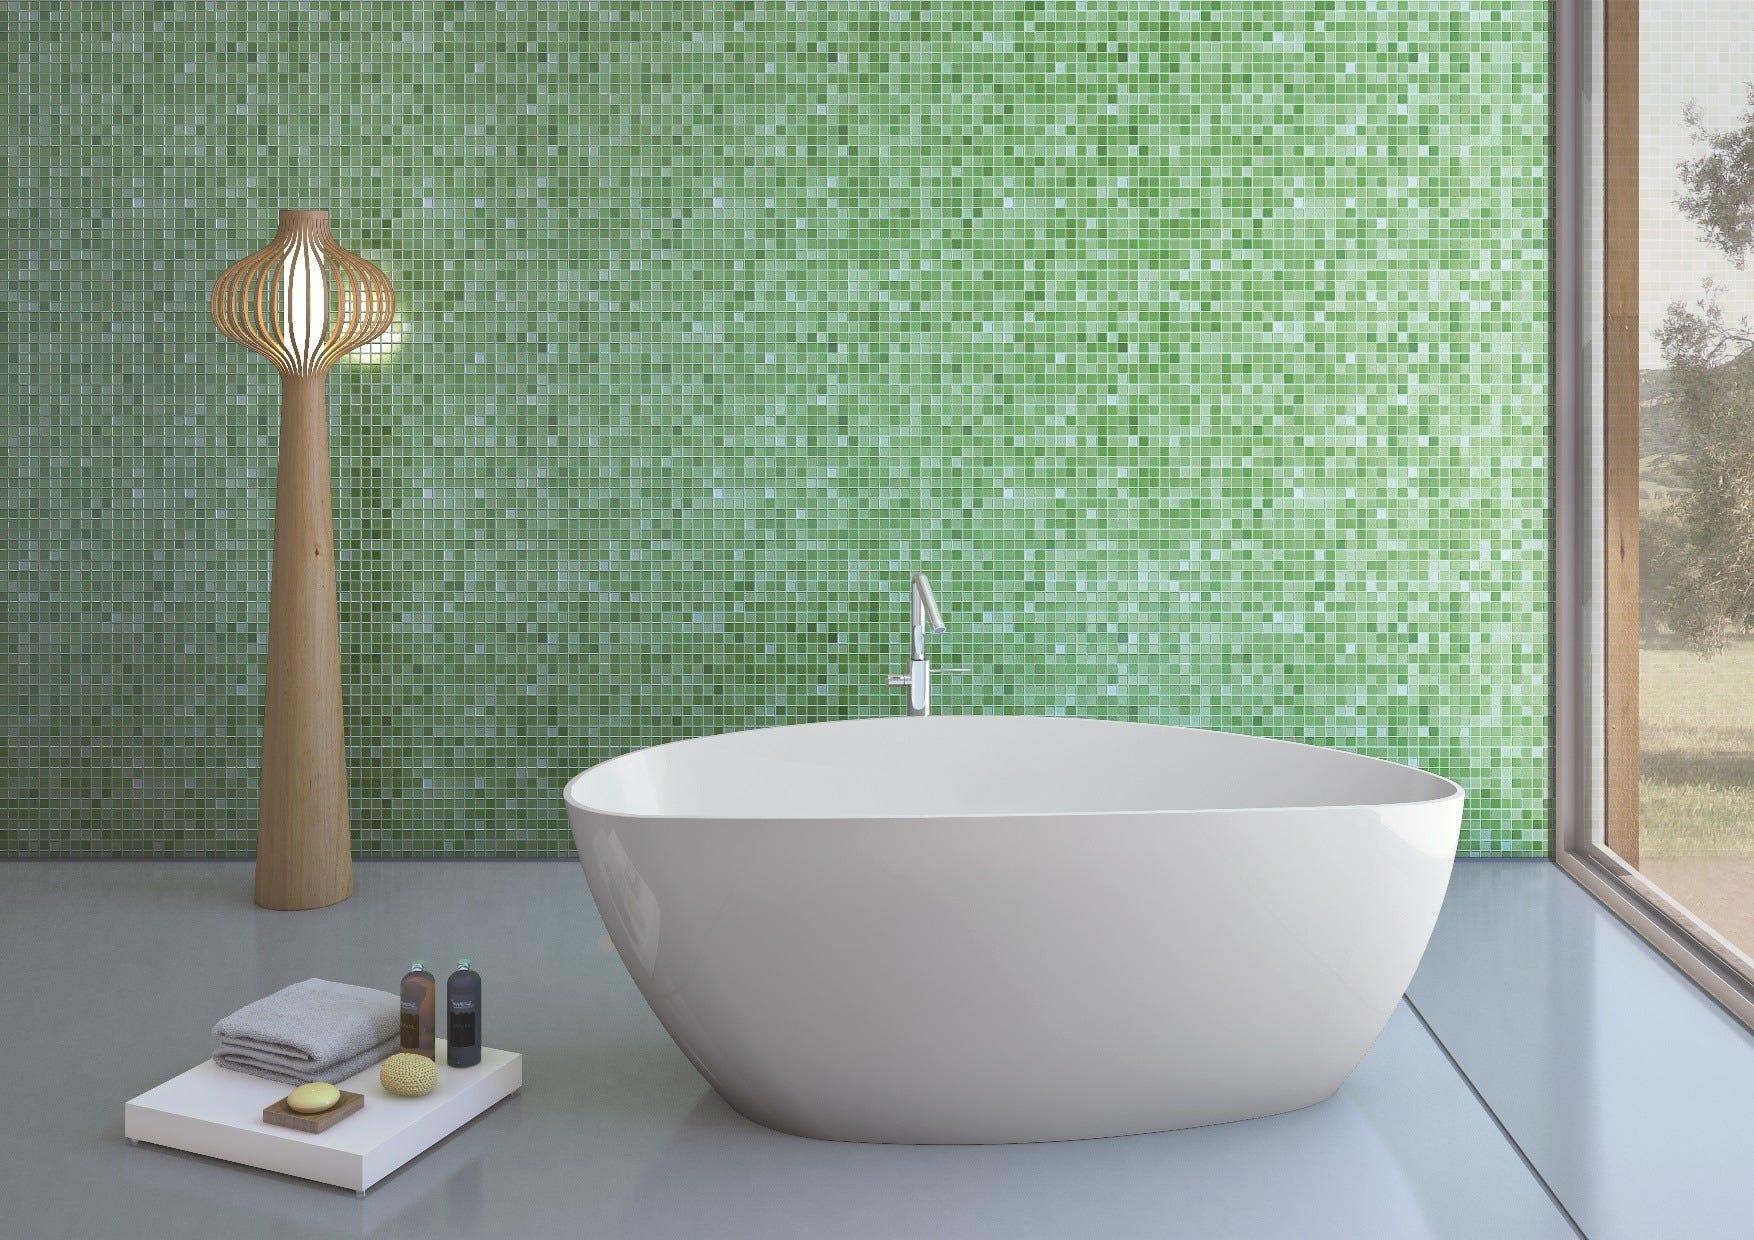 Vasca da bagno in marmo ricomposto design moderno e raffinato modello rachele ebay - Vasche da bagno rotonde ...